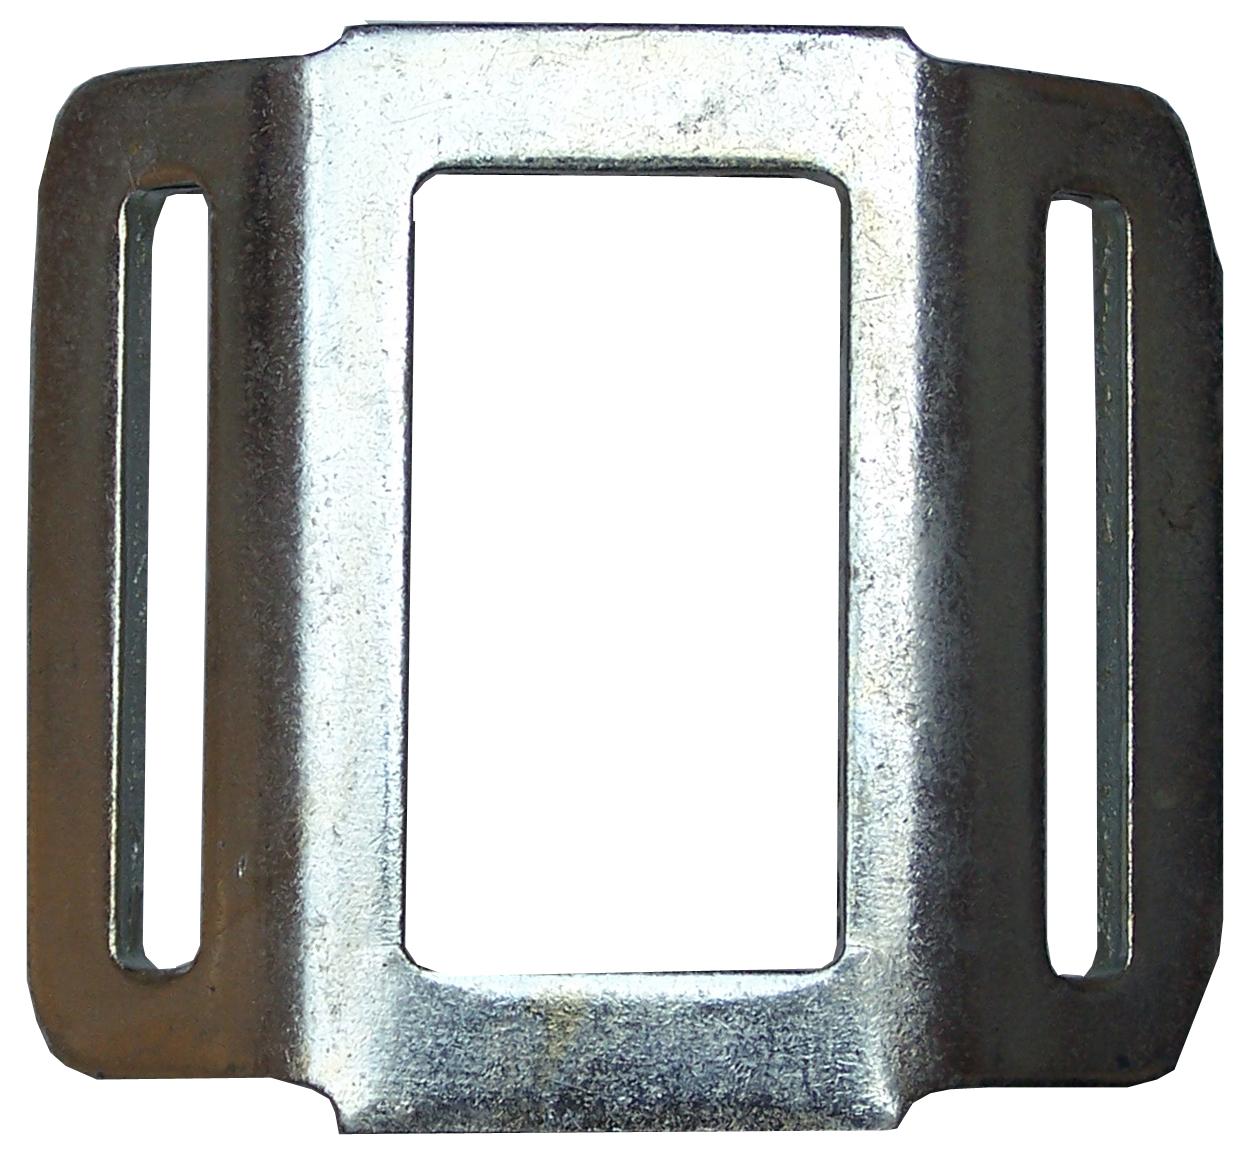 Einwegschnalle (flach) für Bandbreite 35 mm